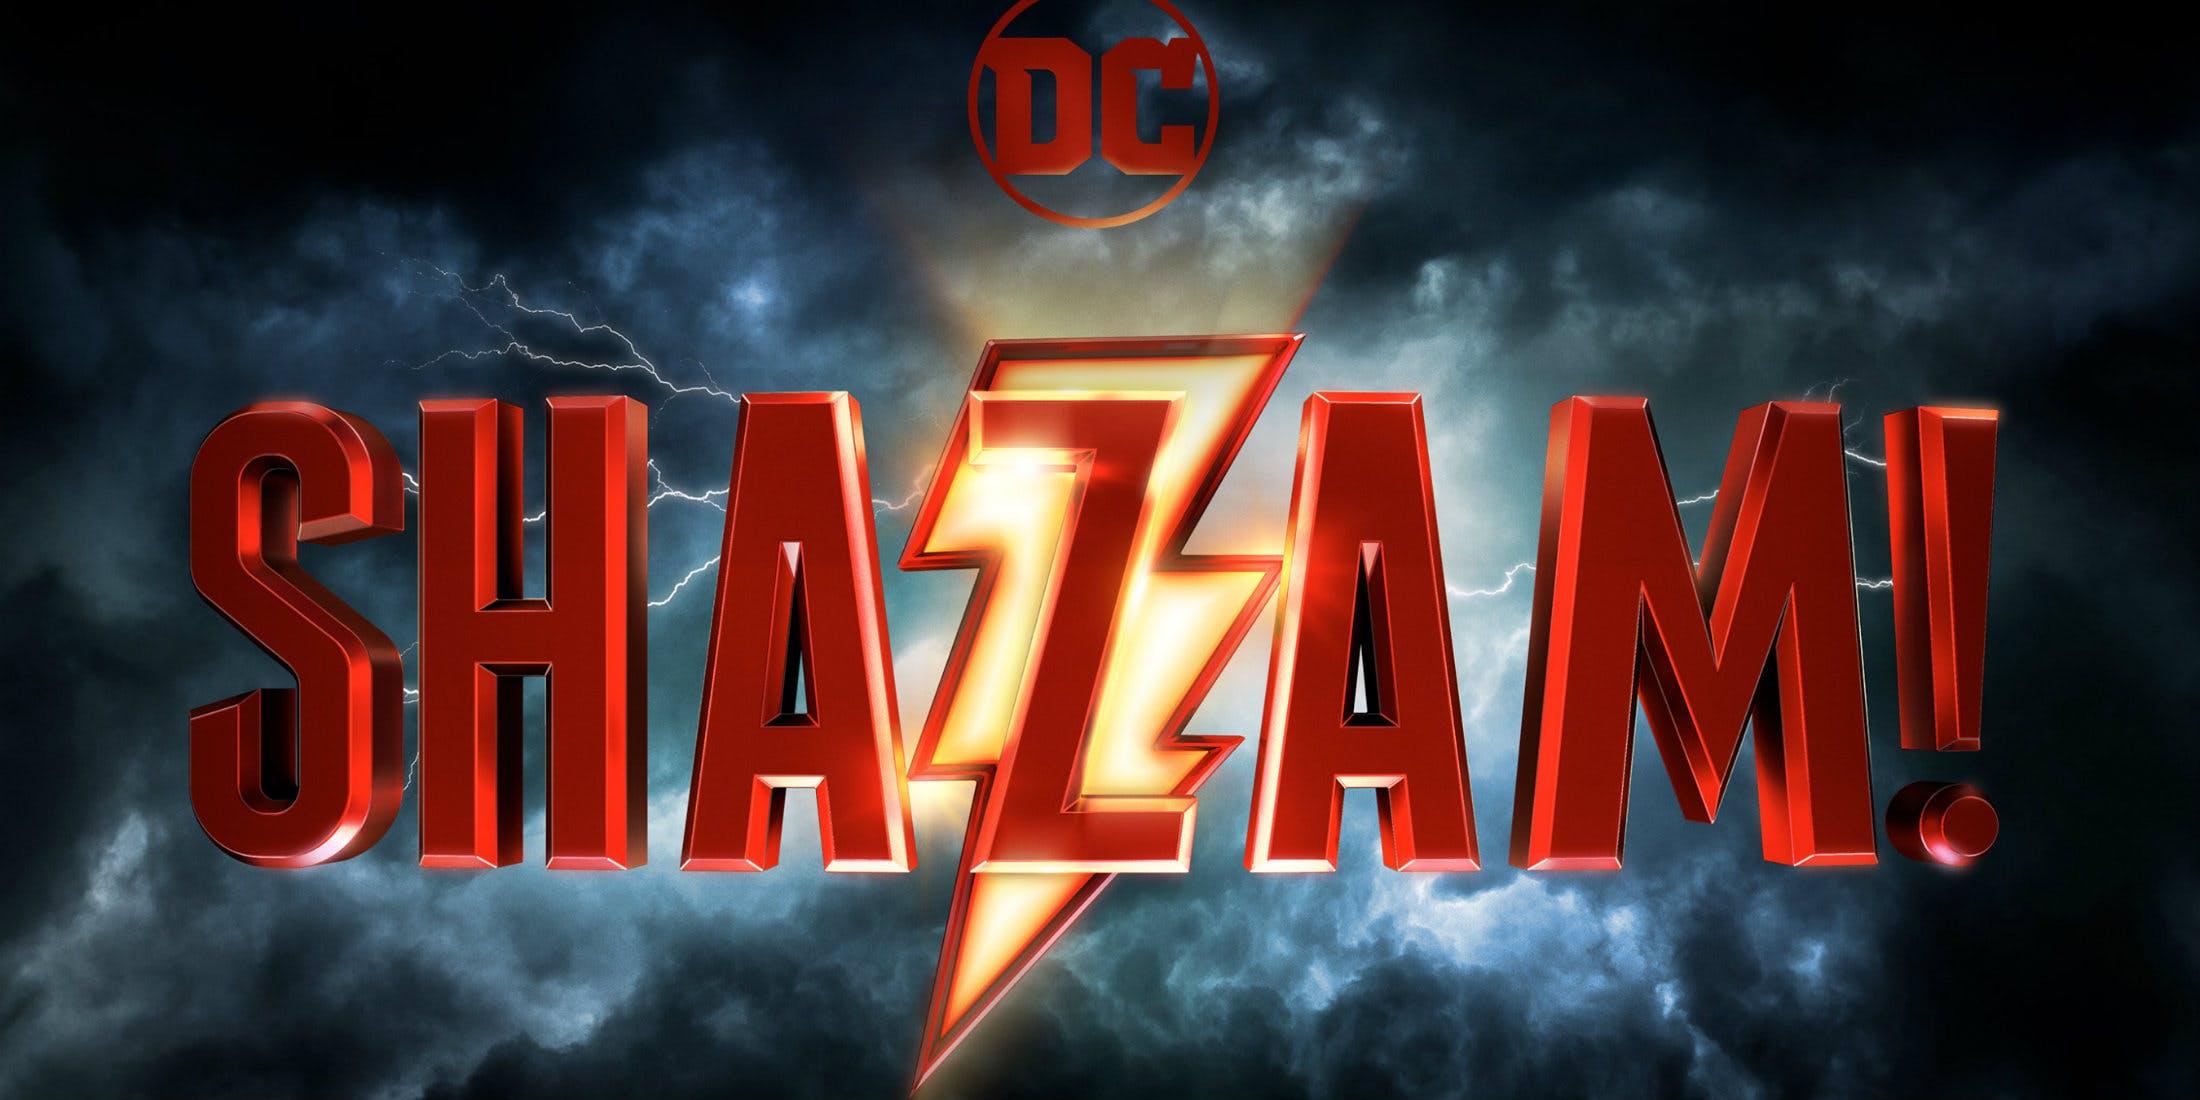 shazam superman